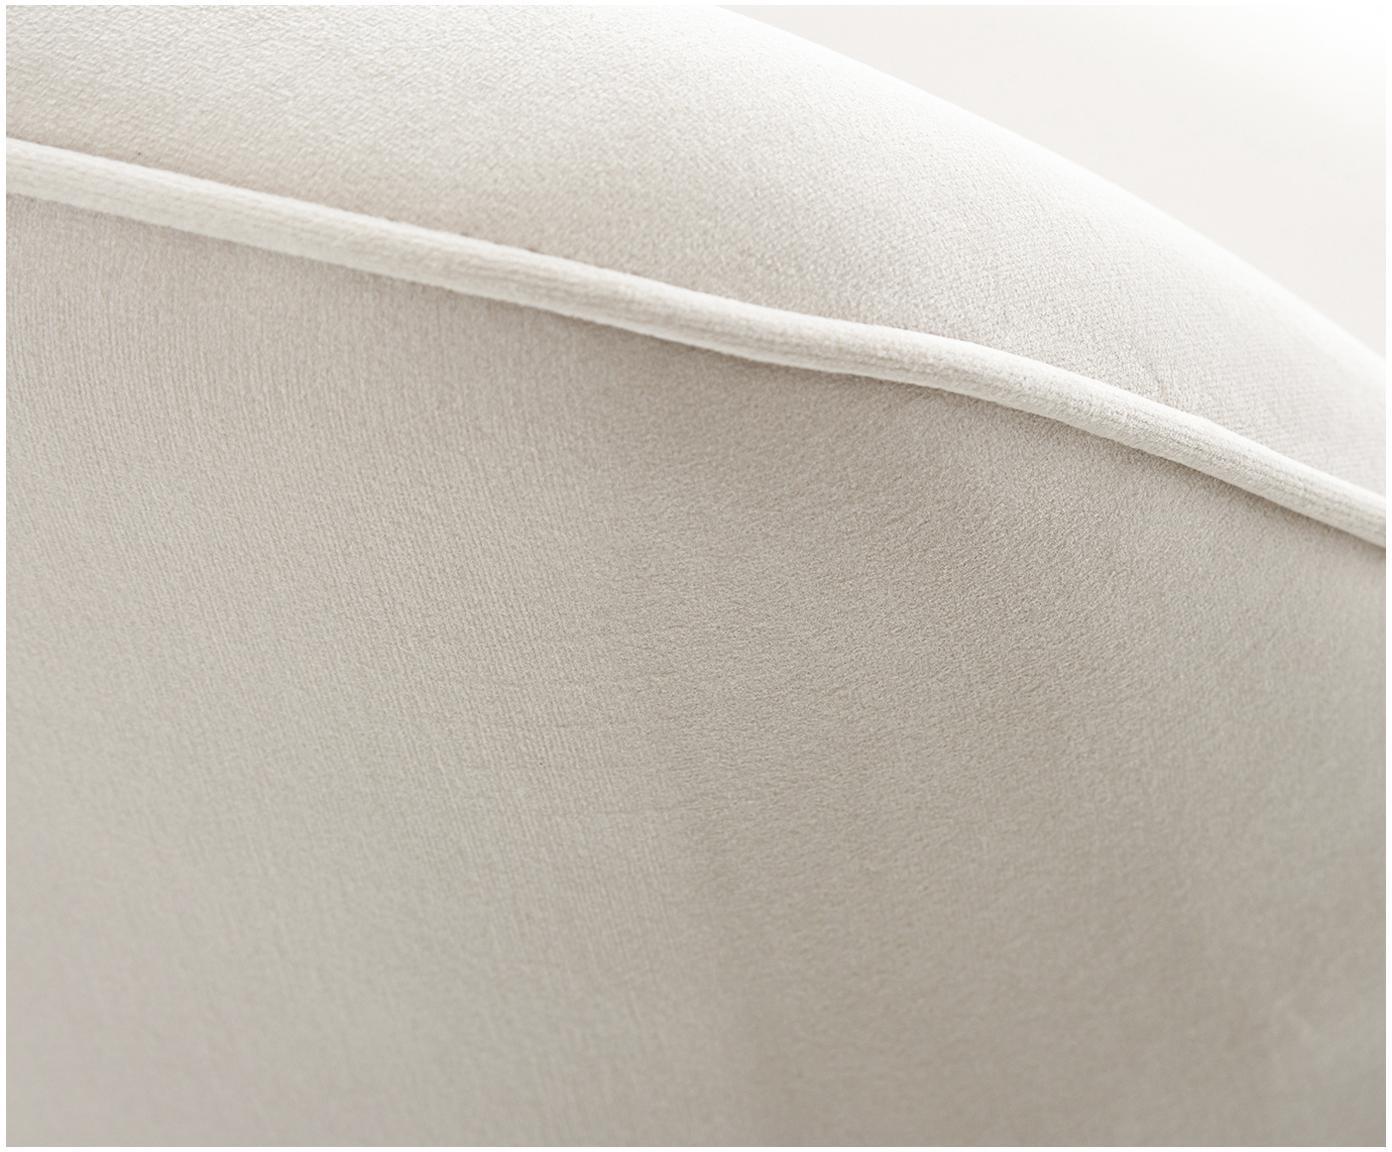 Fluwelen armleunstoel Ava, Bekleding: fluweel (100% polyester), Poten: metaal, Beige, B 57 x D 63 cm